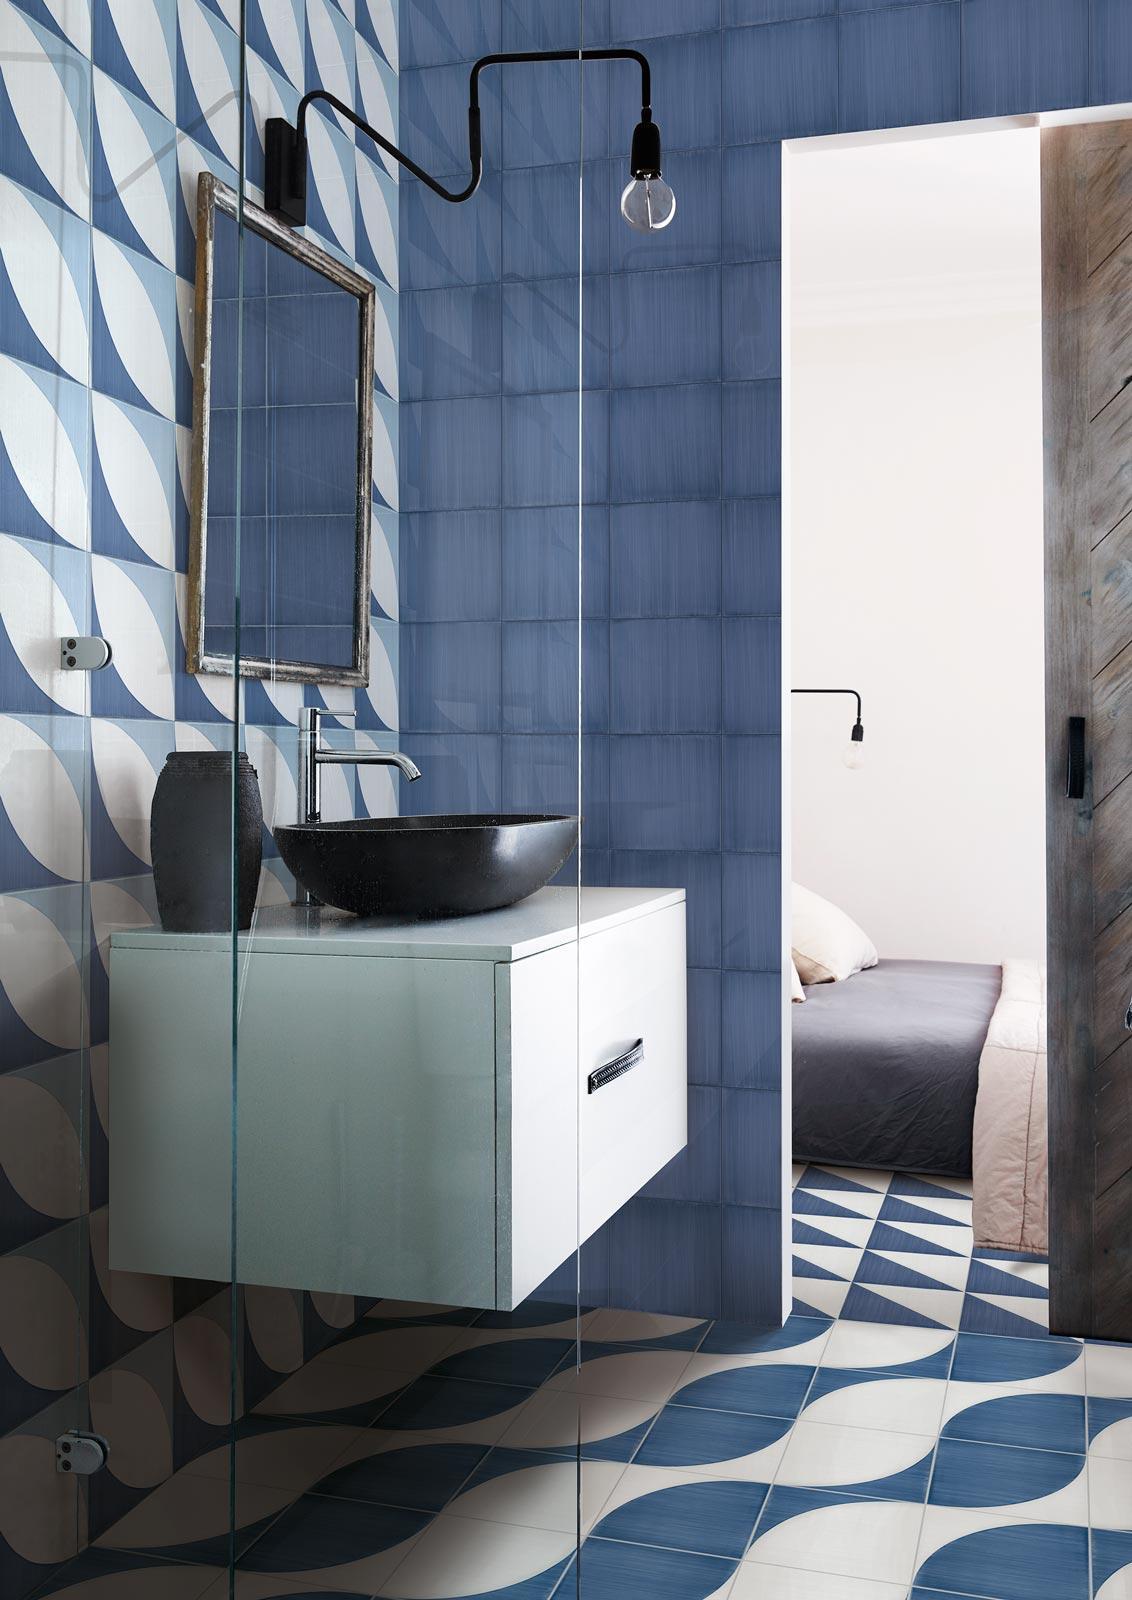 Łazienka w marynistycznym stylu